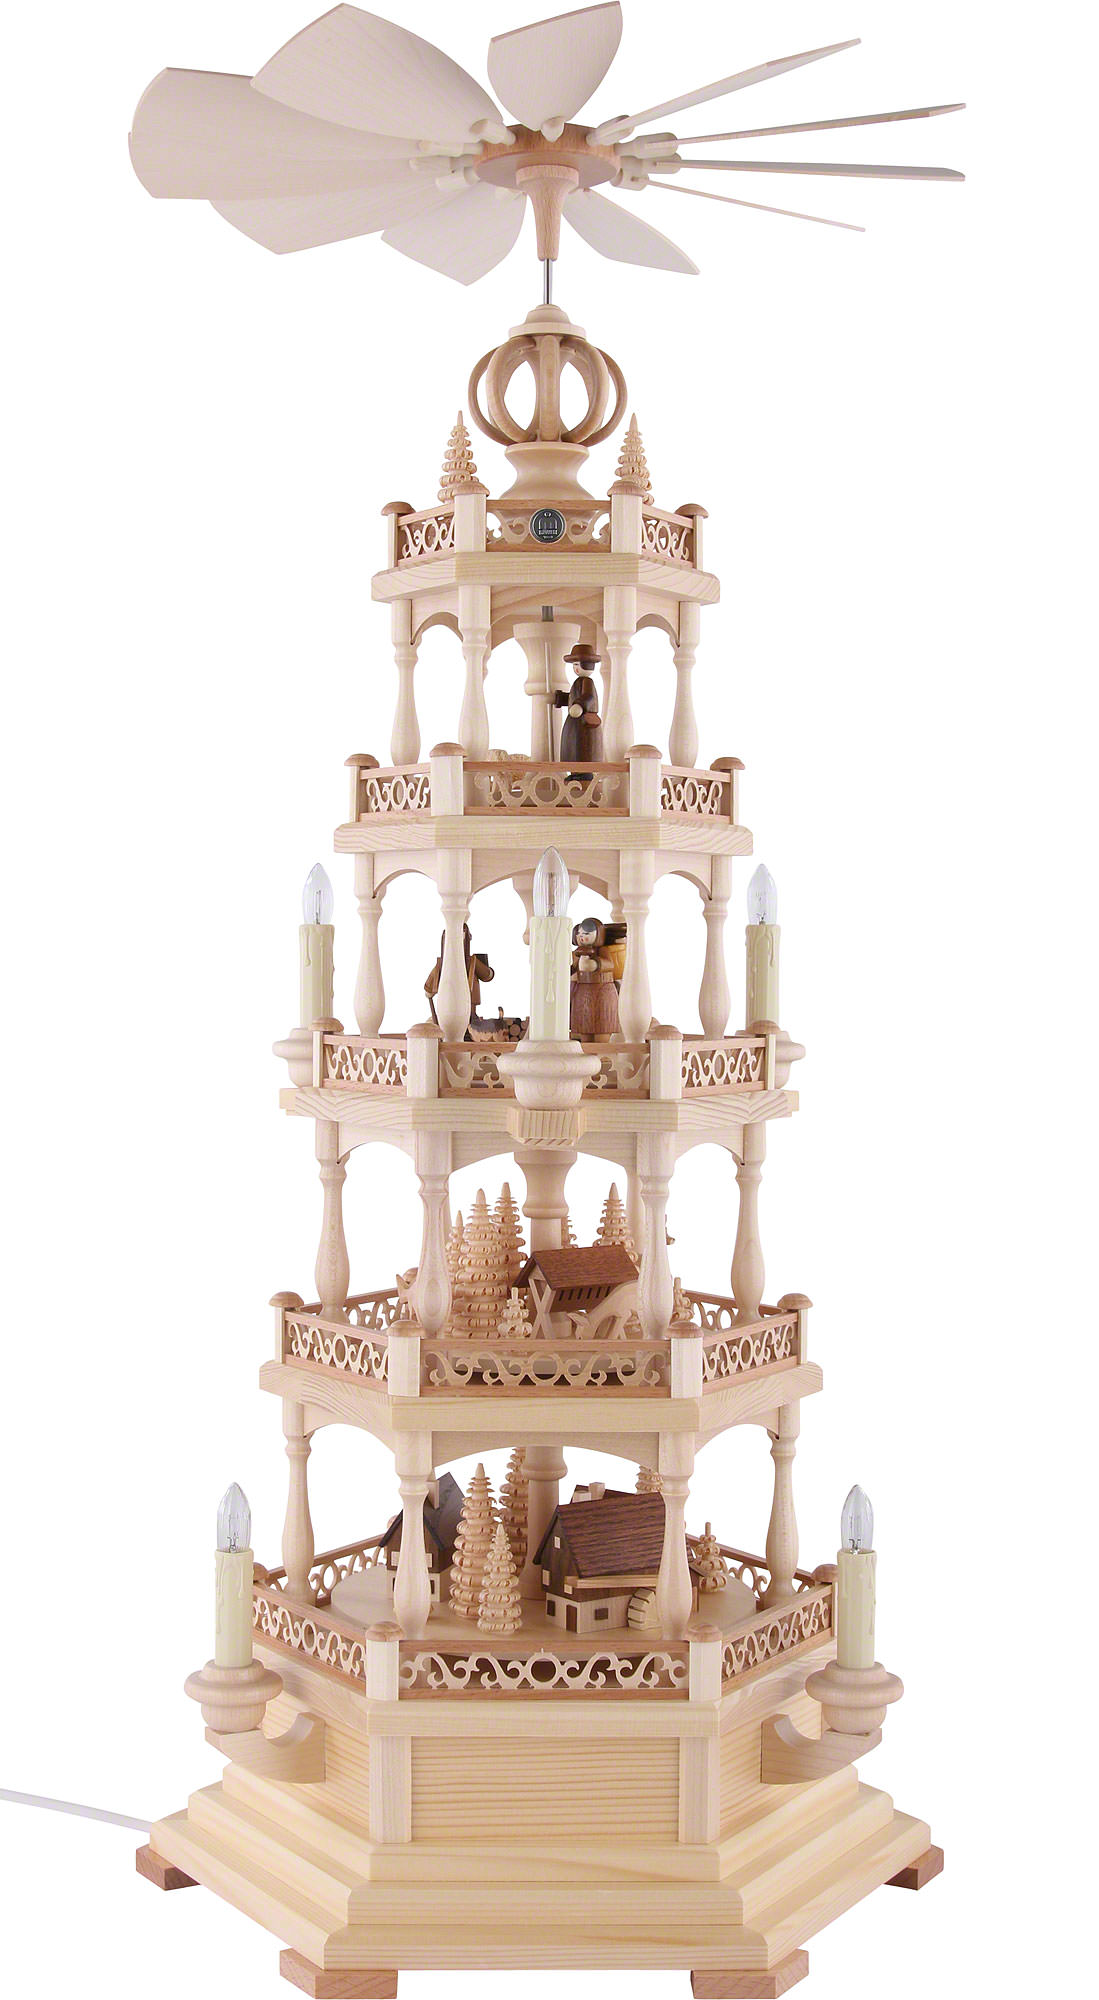 4-stöckige Pyramide Waldmotiv - elektrisch (71 cm) von Müller Kleinkunst